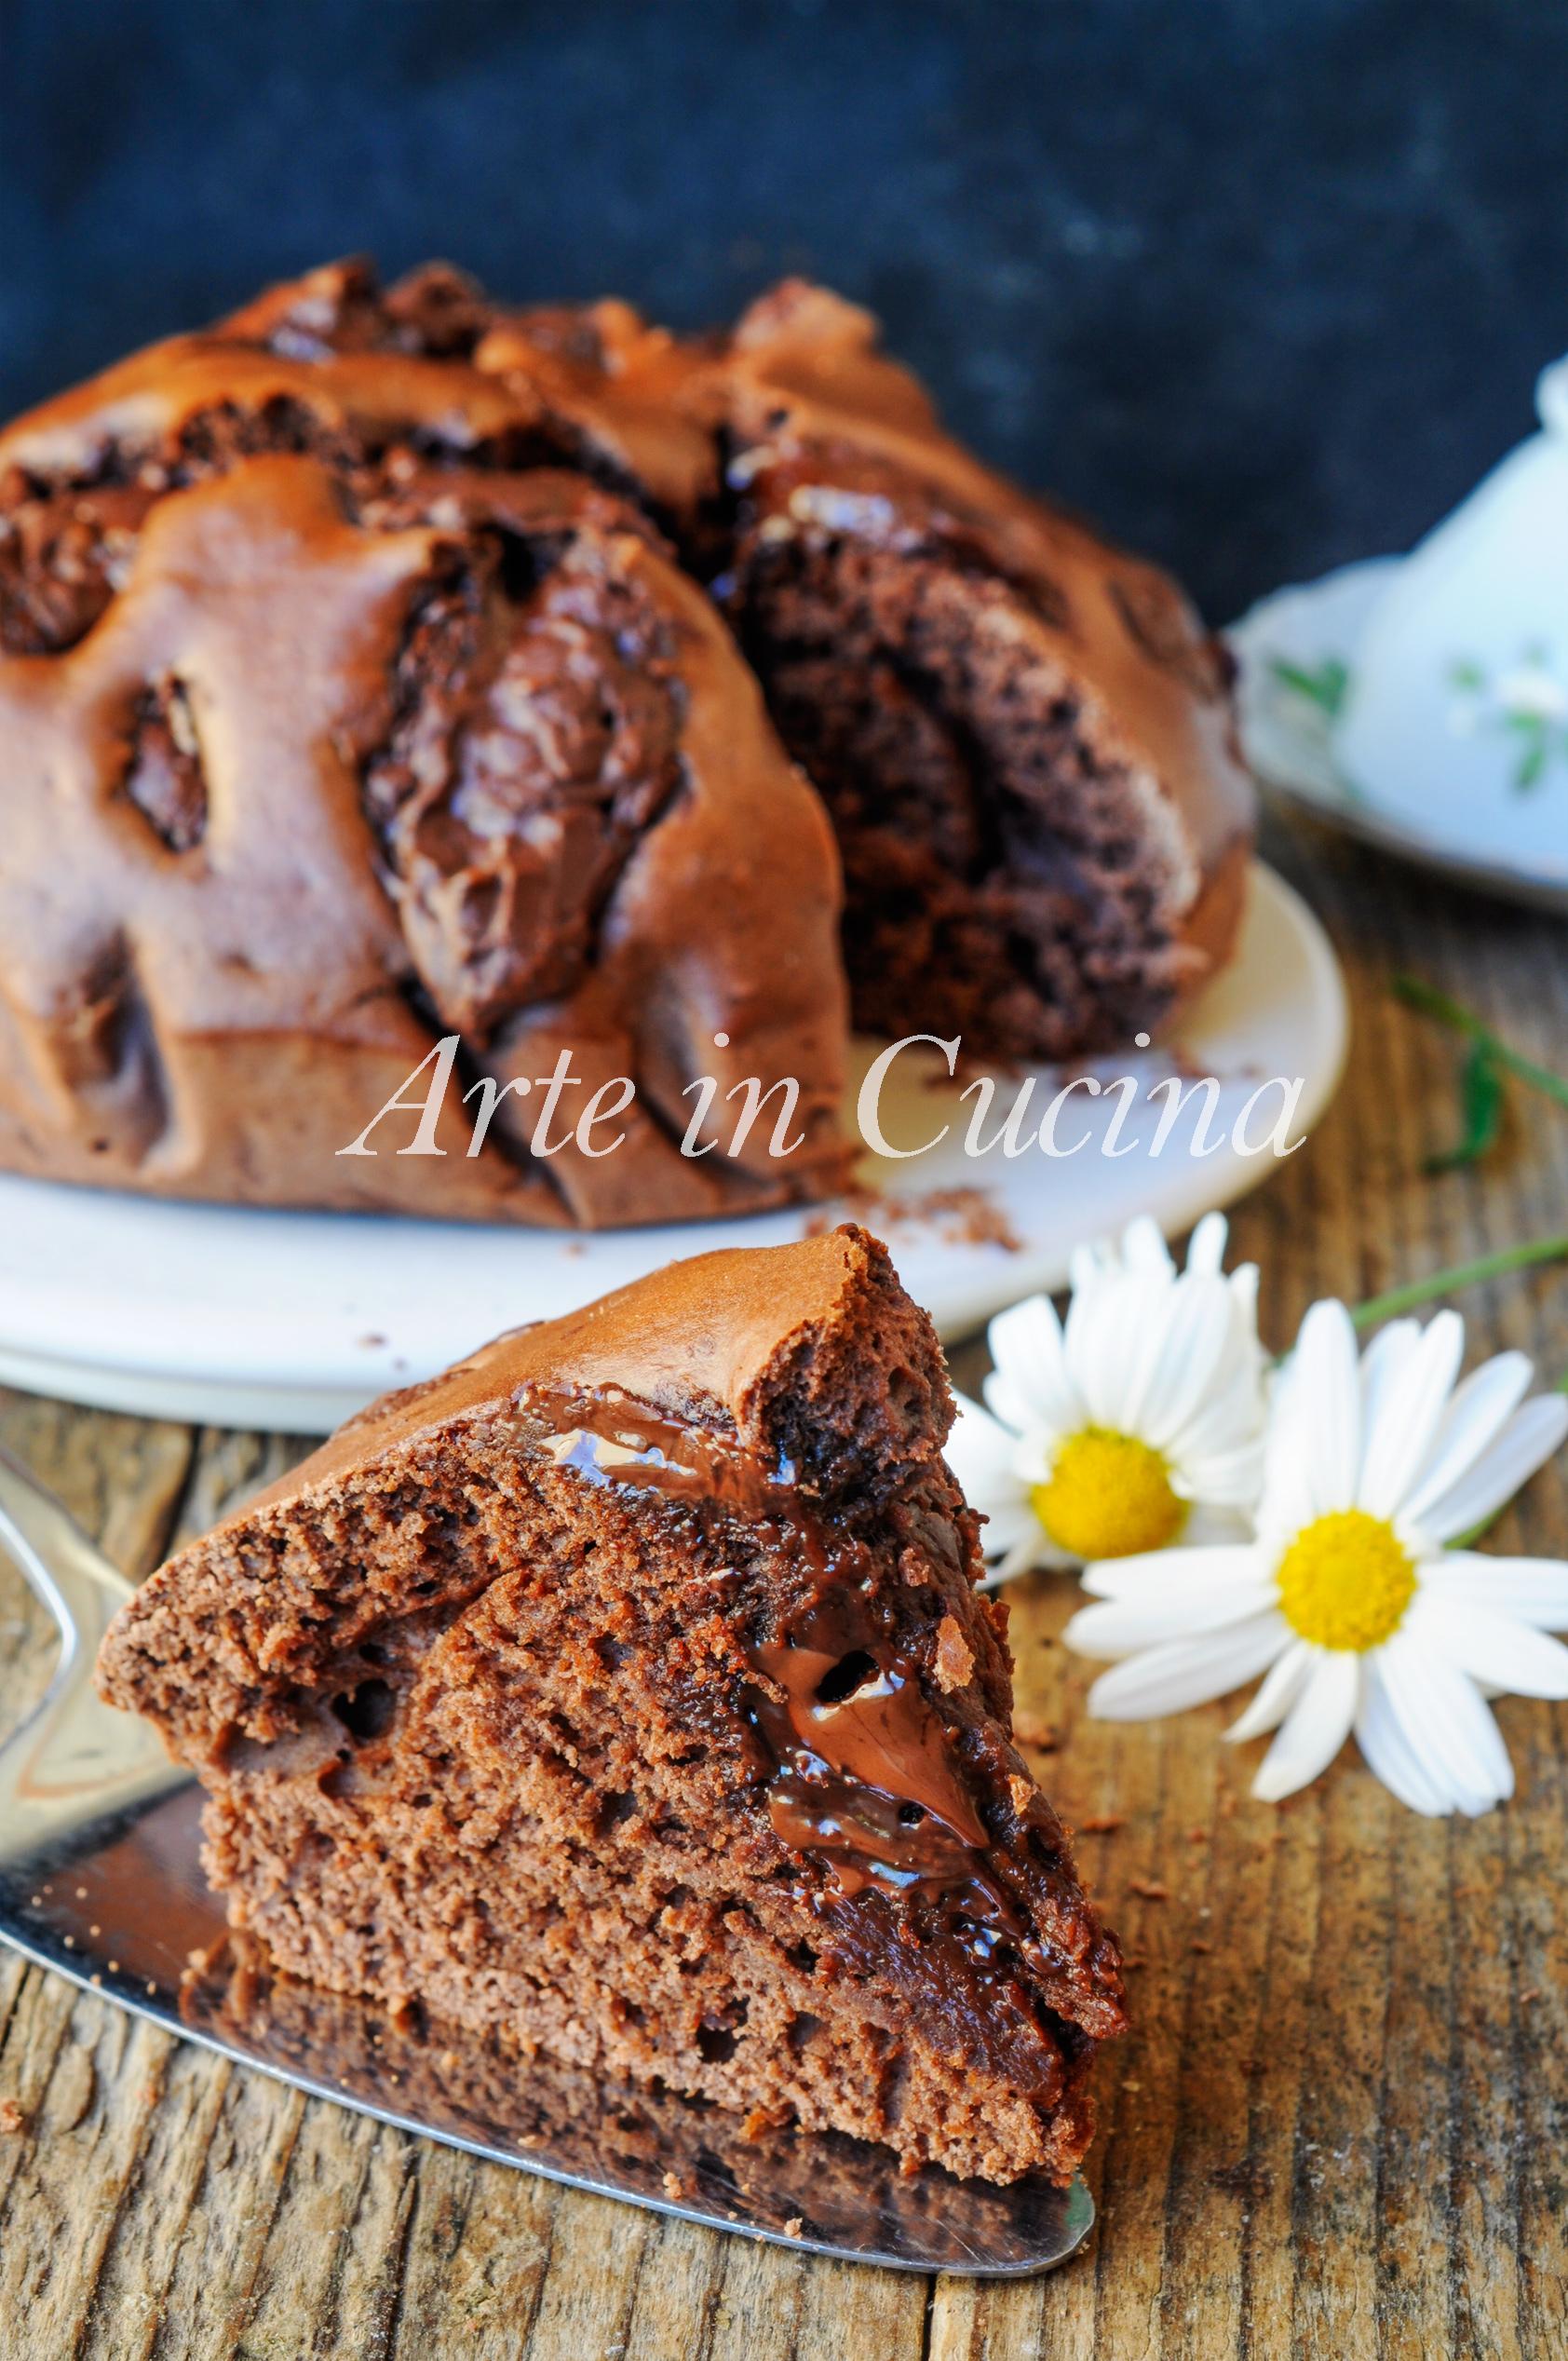 Torta al cioccolato semplice veloce morbida senza burro vickyart arte in cucina